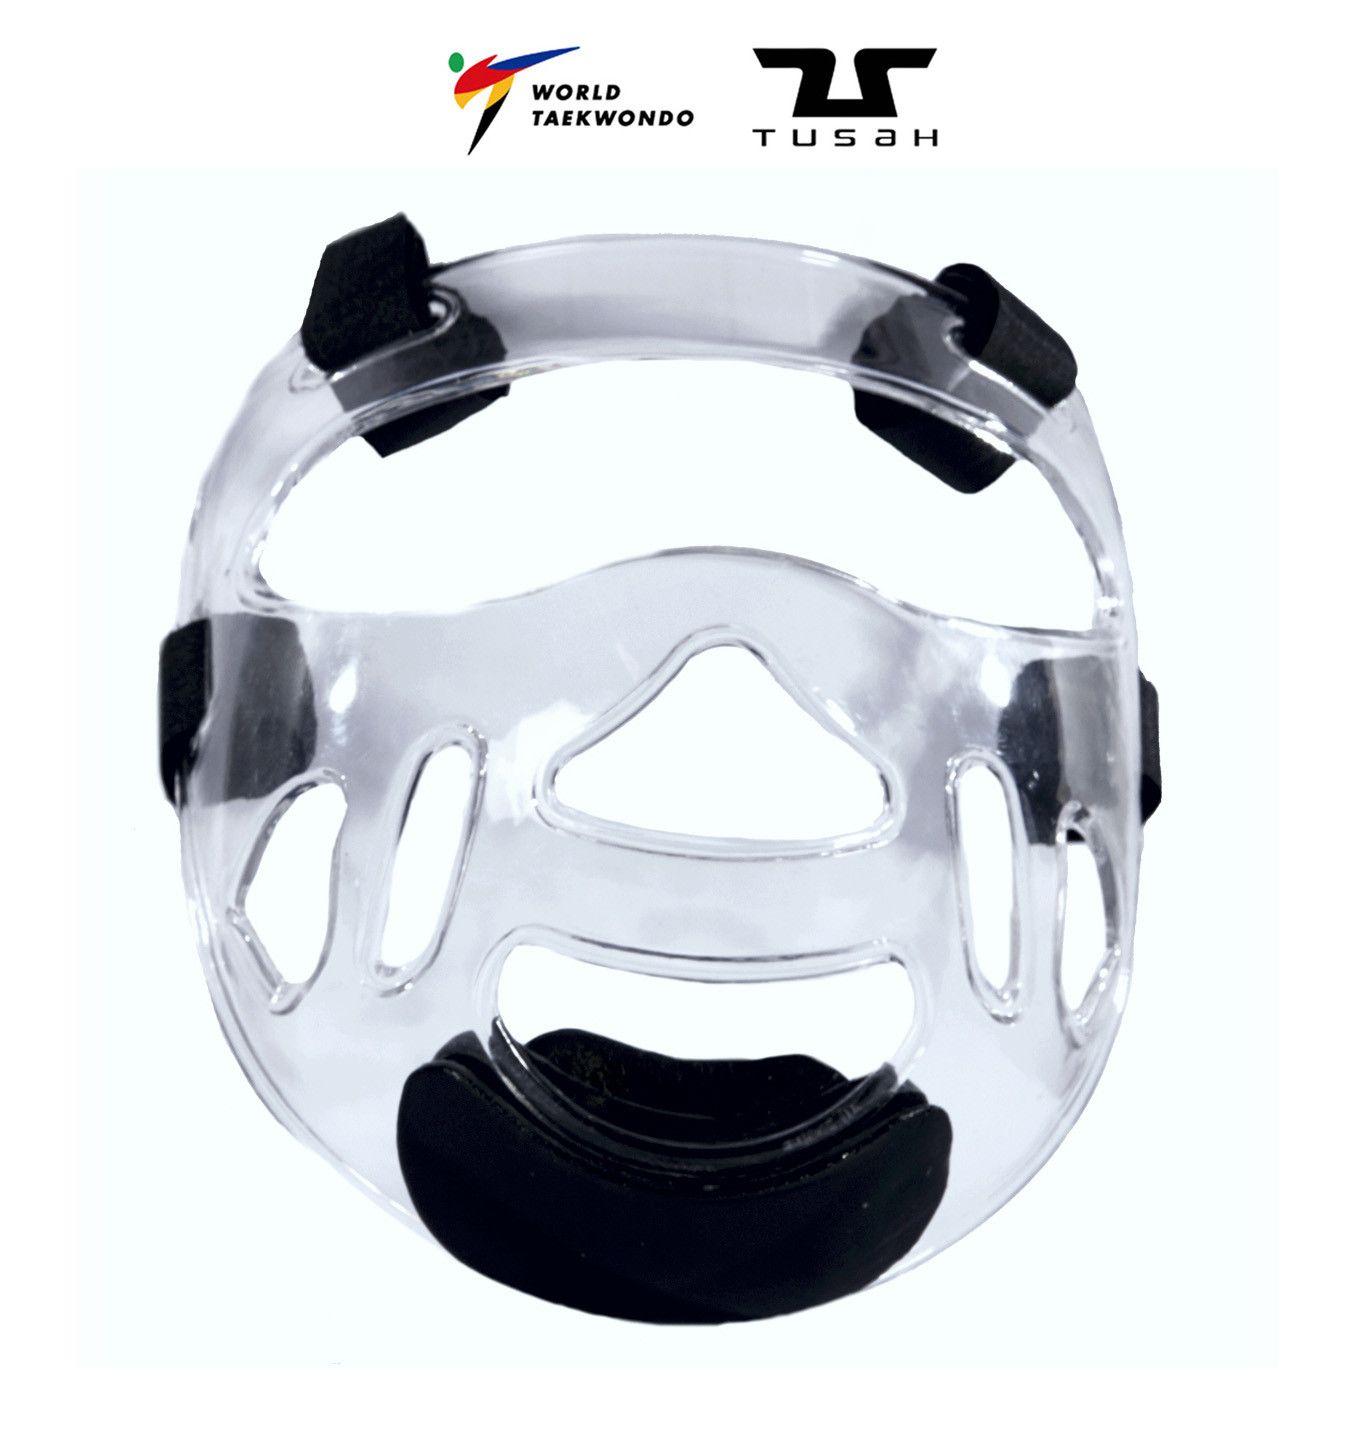 Maschera per Caschetto Tusah Omologata WT WTF per competizioni o allenamenti